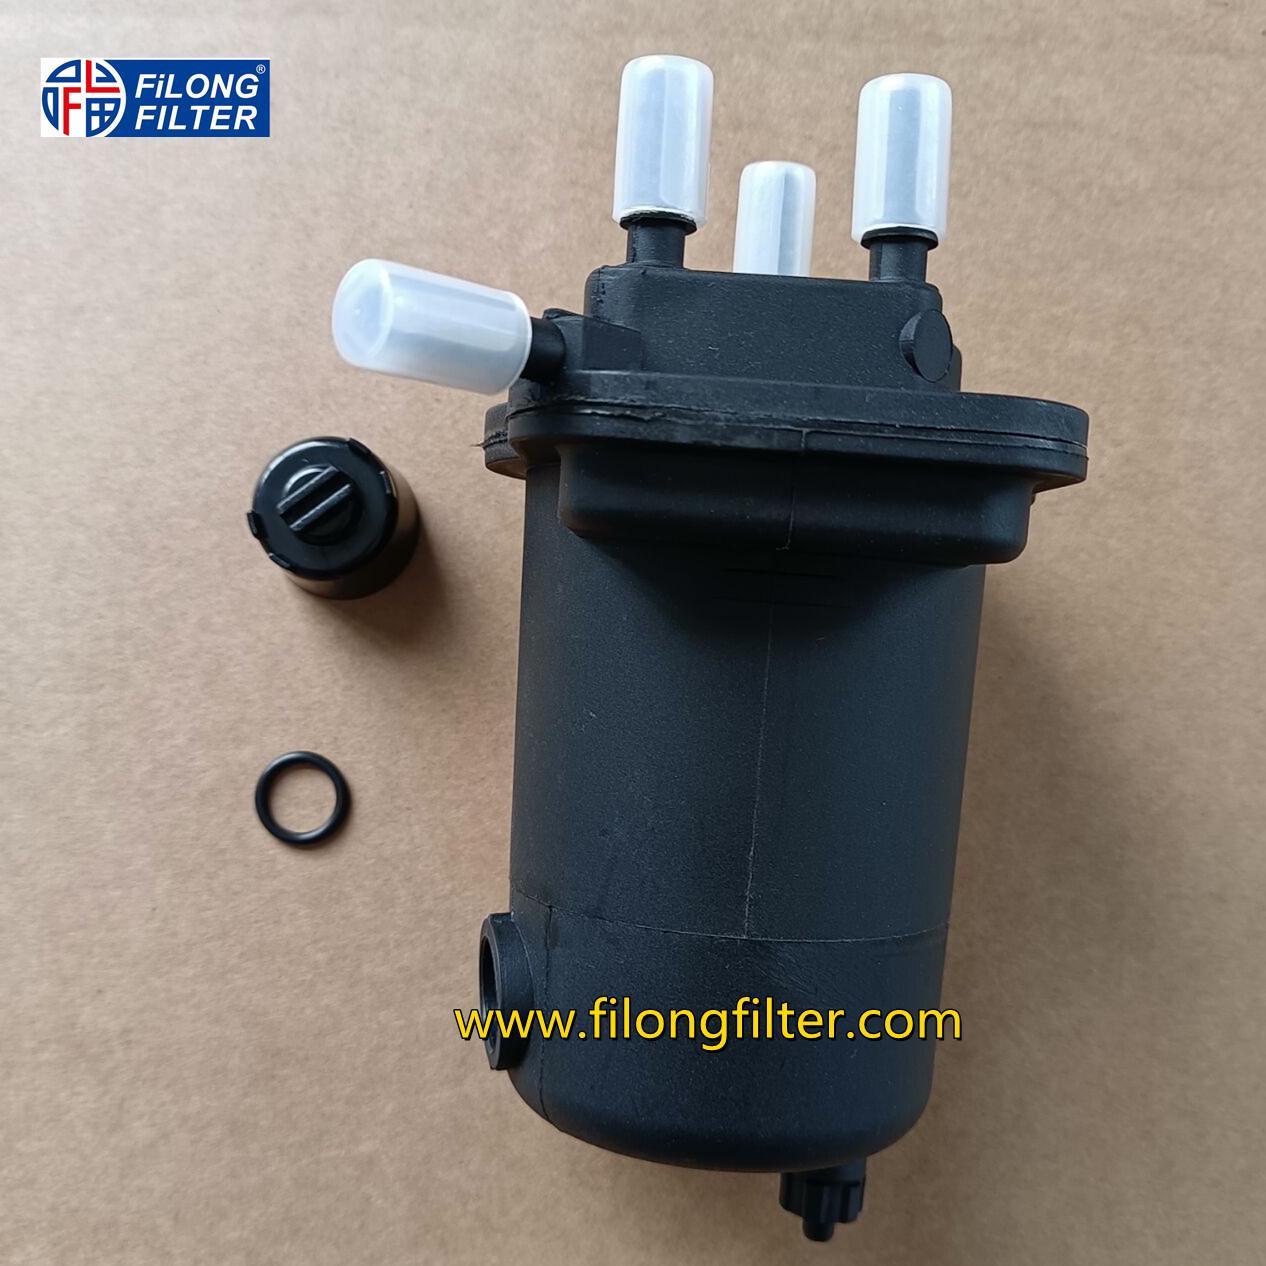 FILONG Fuel Filter For RENAULT  164001540R 16400-1540R   FF-7016